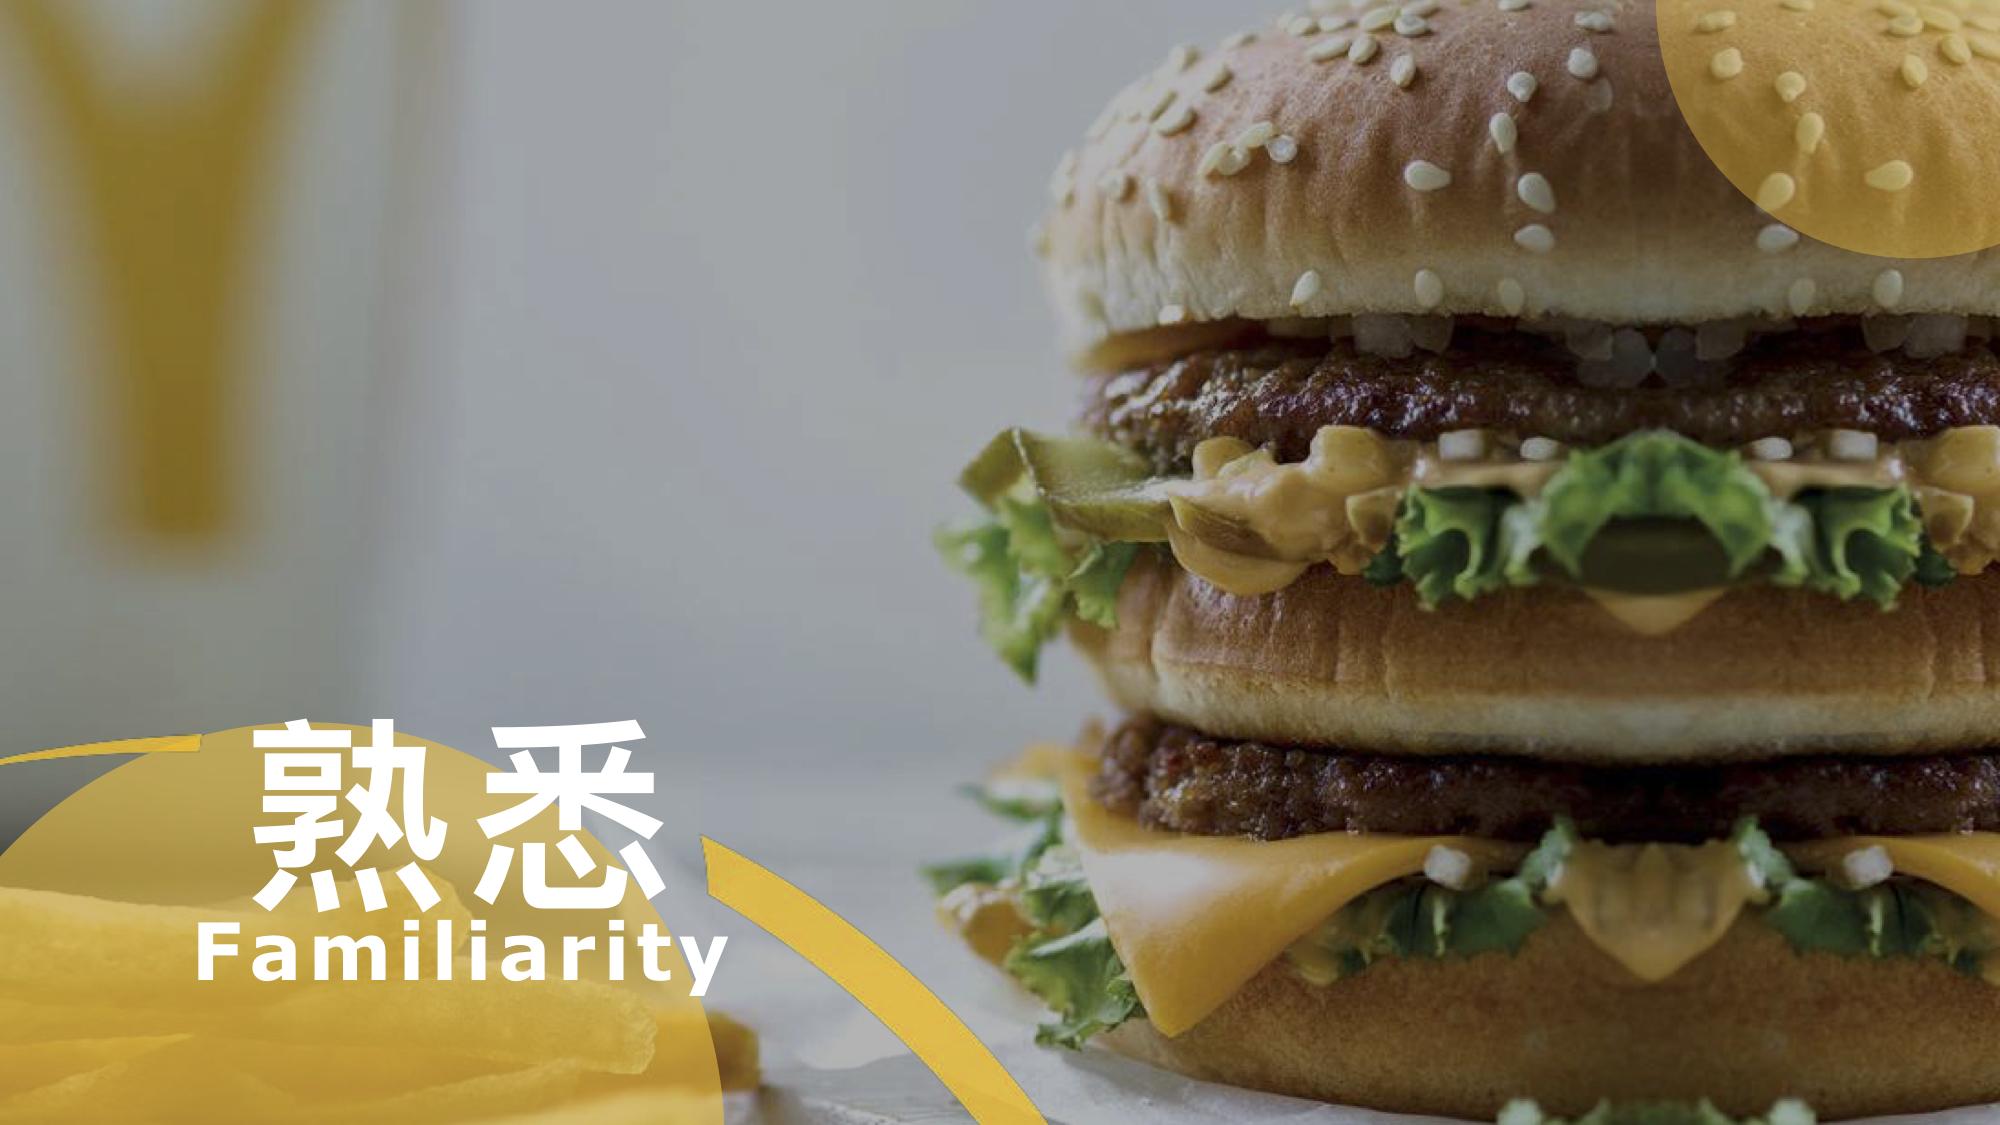 台灣麥當勞 2.0 媒體說明會 3.jpg